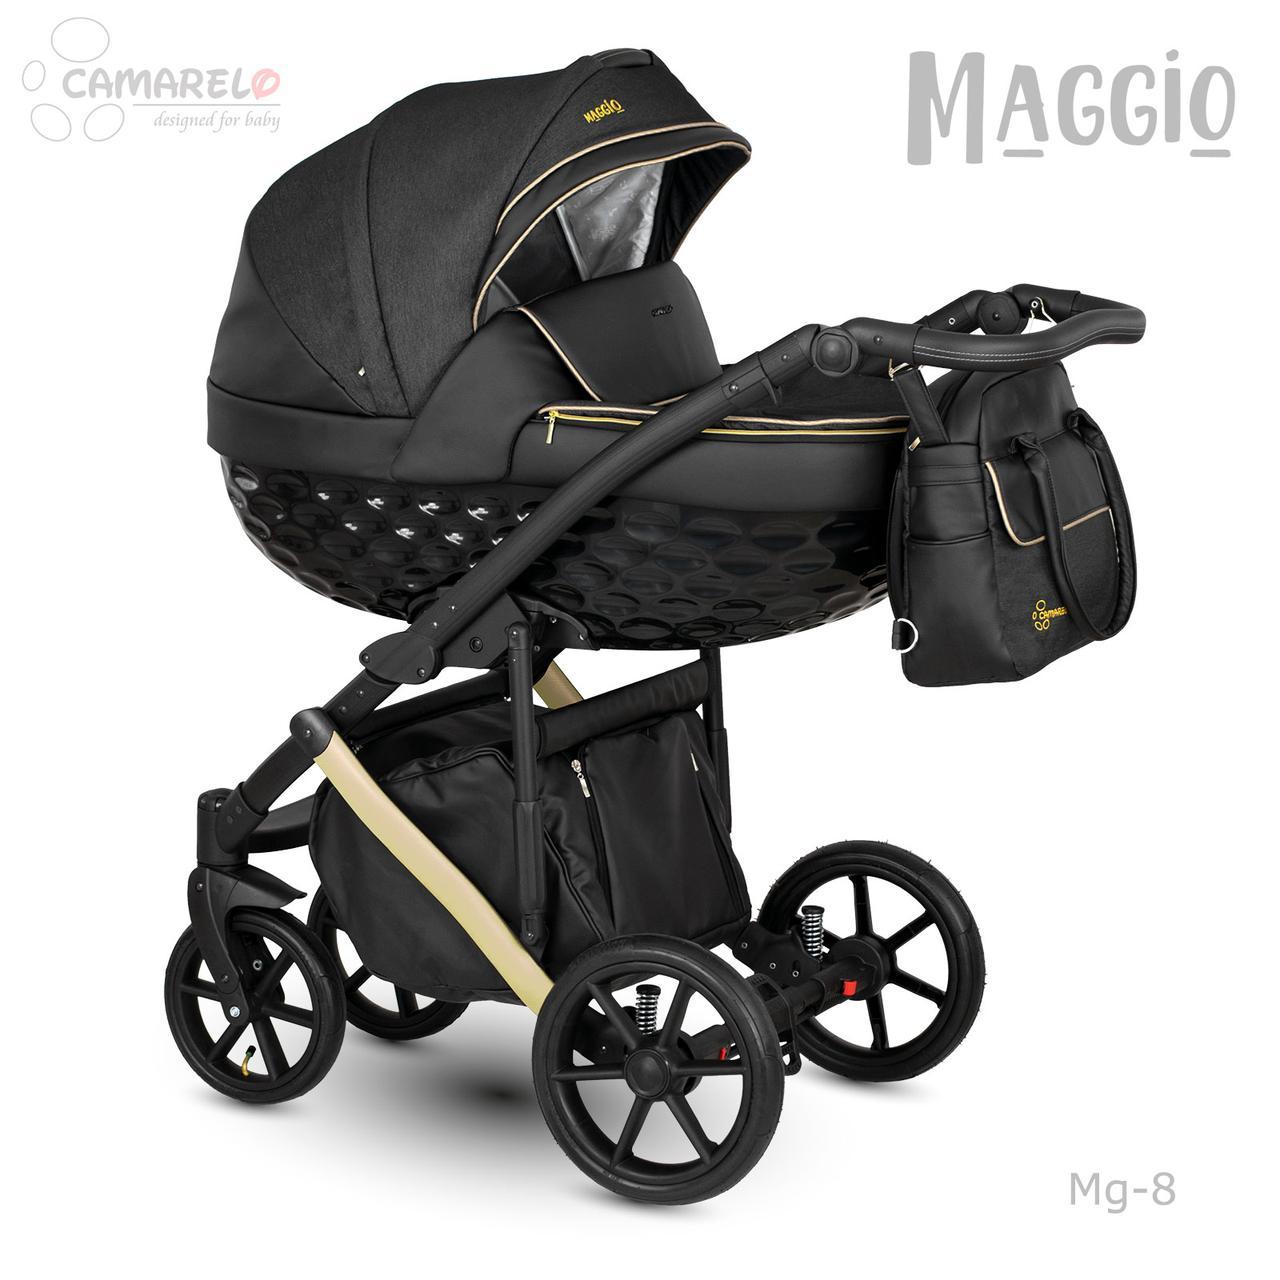 Детская универсальная коляска 2 в 1 Camarelo Maggio Mg-8